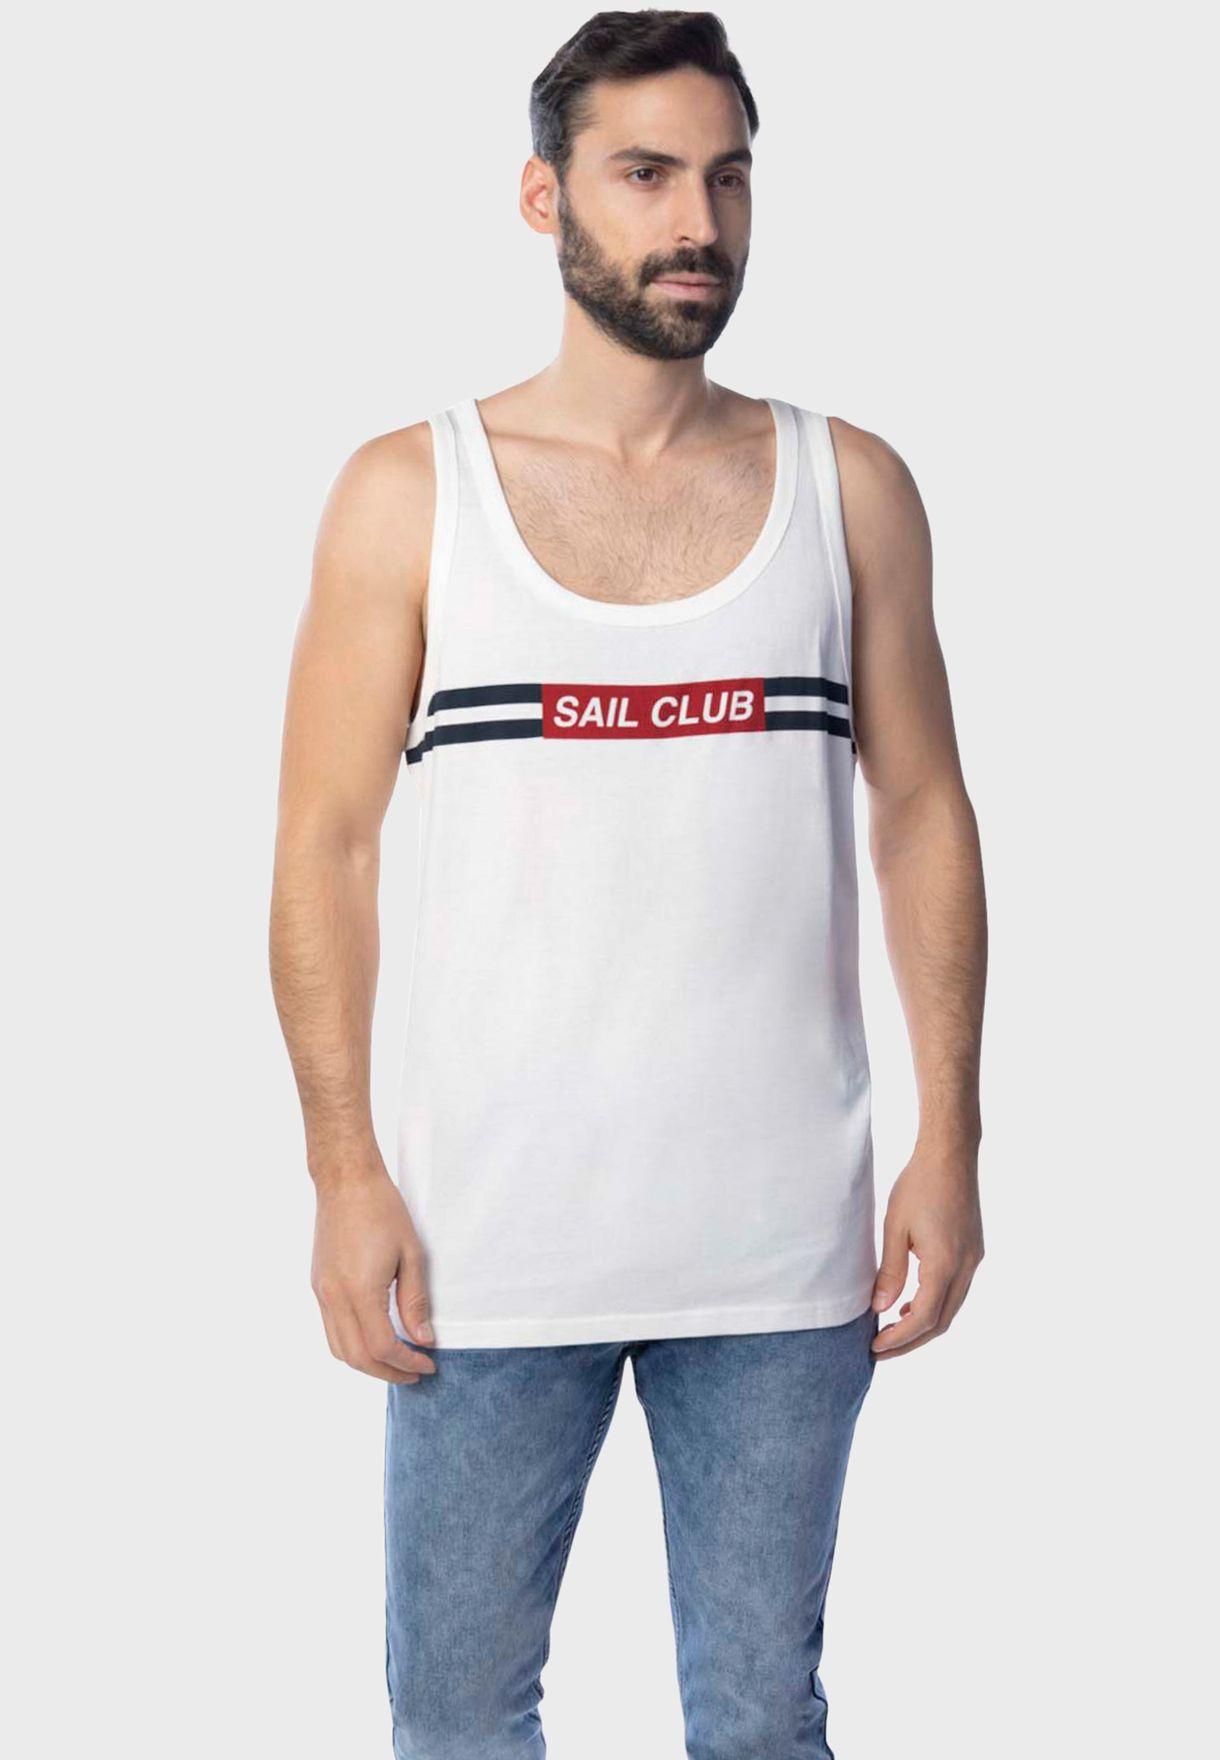 Sail Club Vest